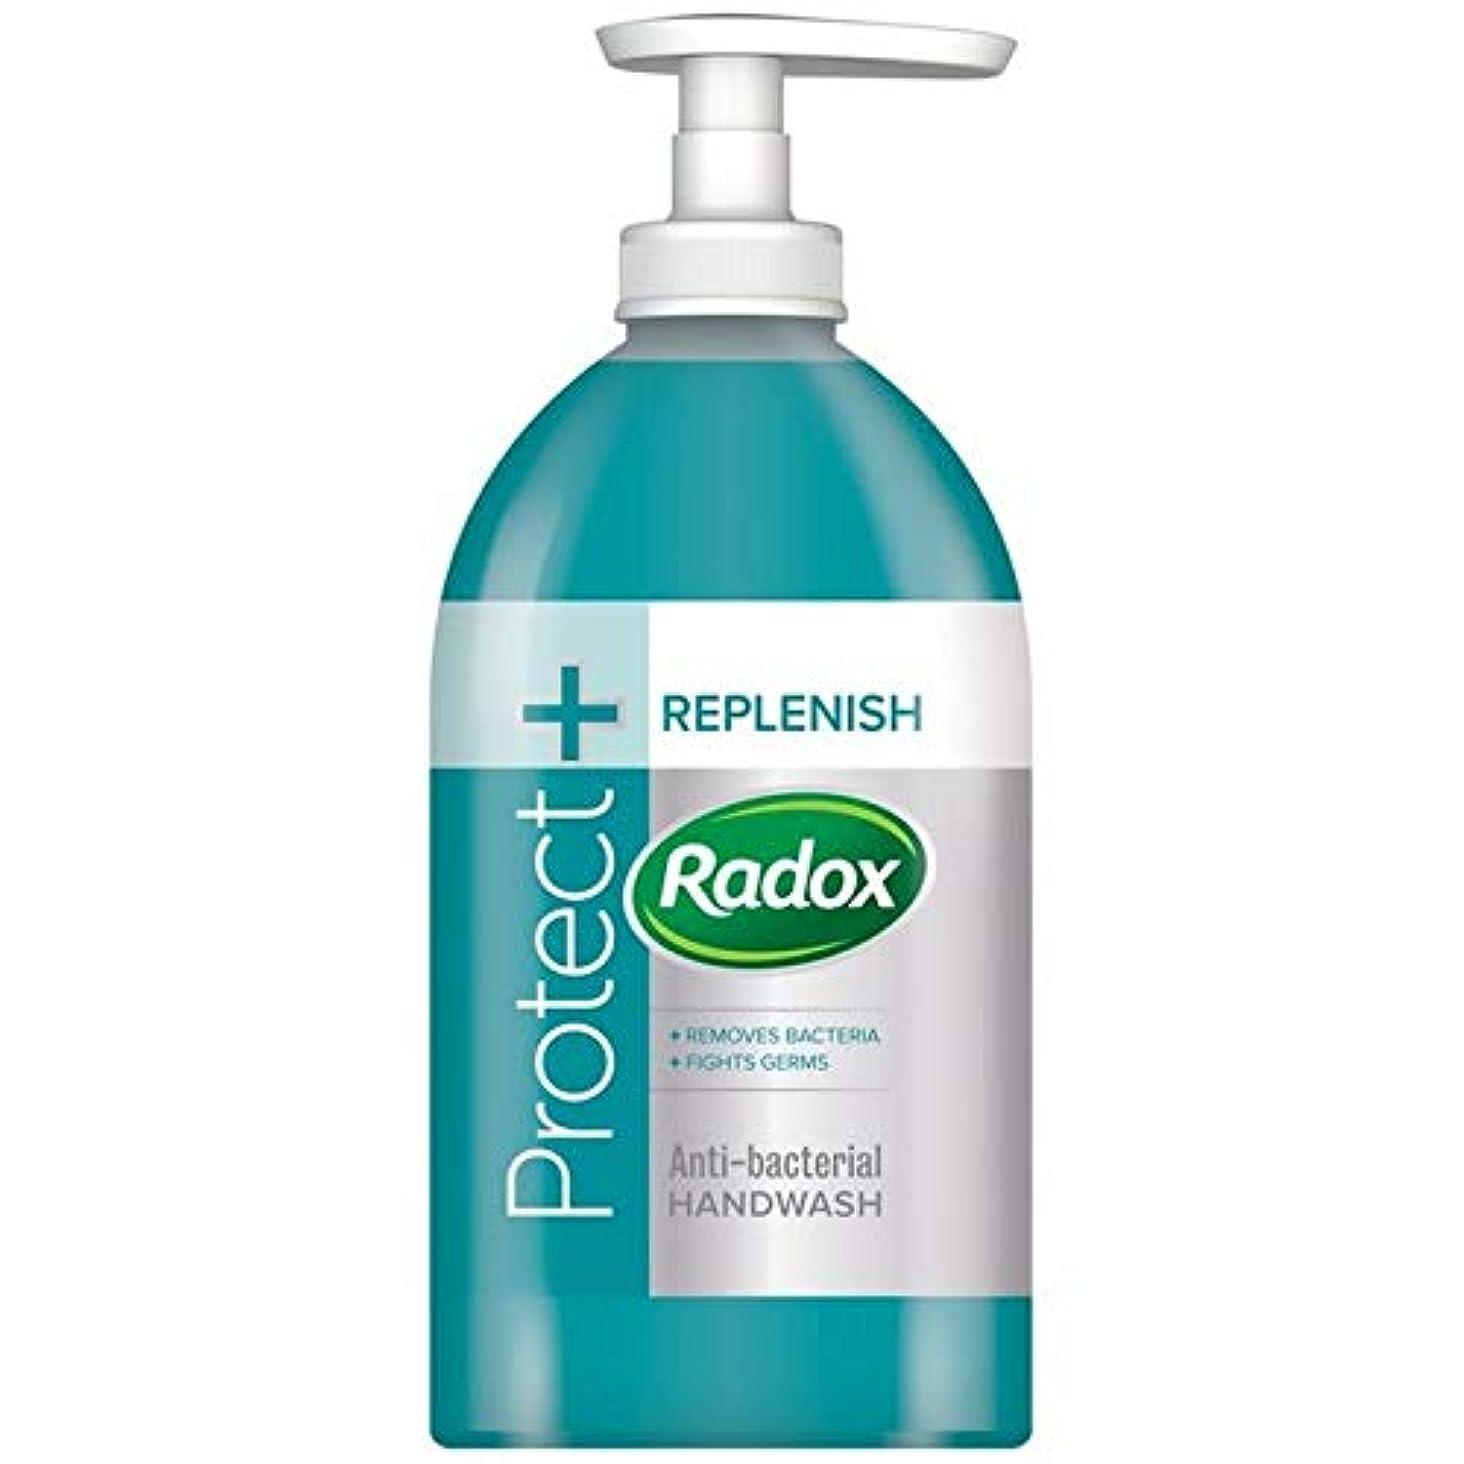 勉強するとマーベル[Radox] Radox抗菌剤および補充手洗いの500ミリリットル - Radox Antibacterial and Replenishing Handwash 500ml [並行輸入品]